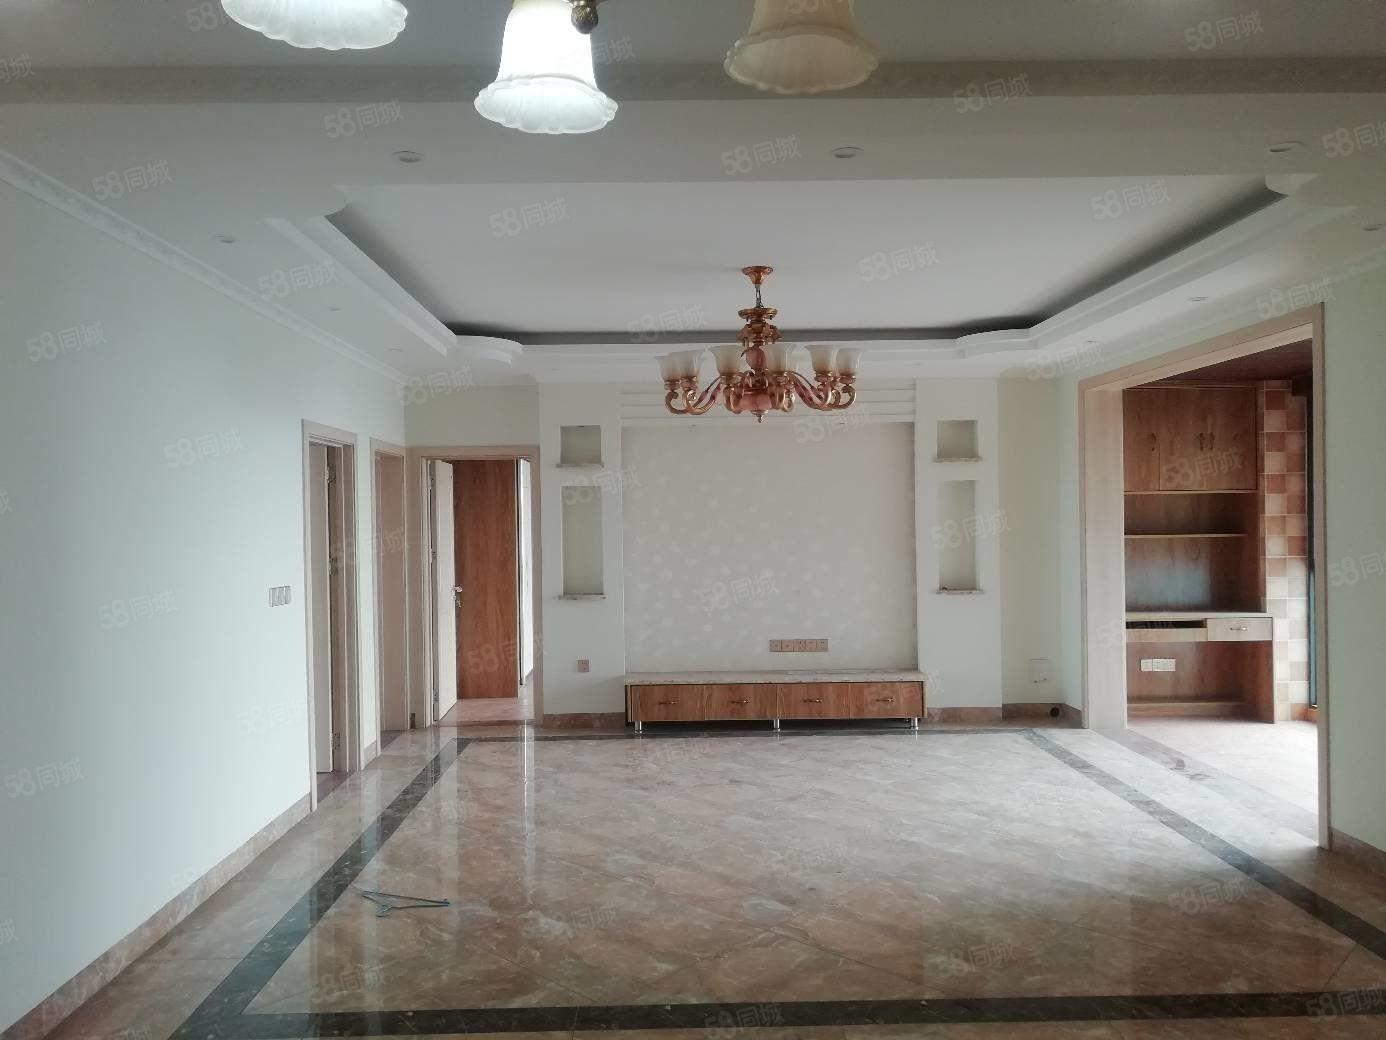 城西位置决佳的两梯4户大3室豪华硬装拎包入住随时看房